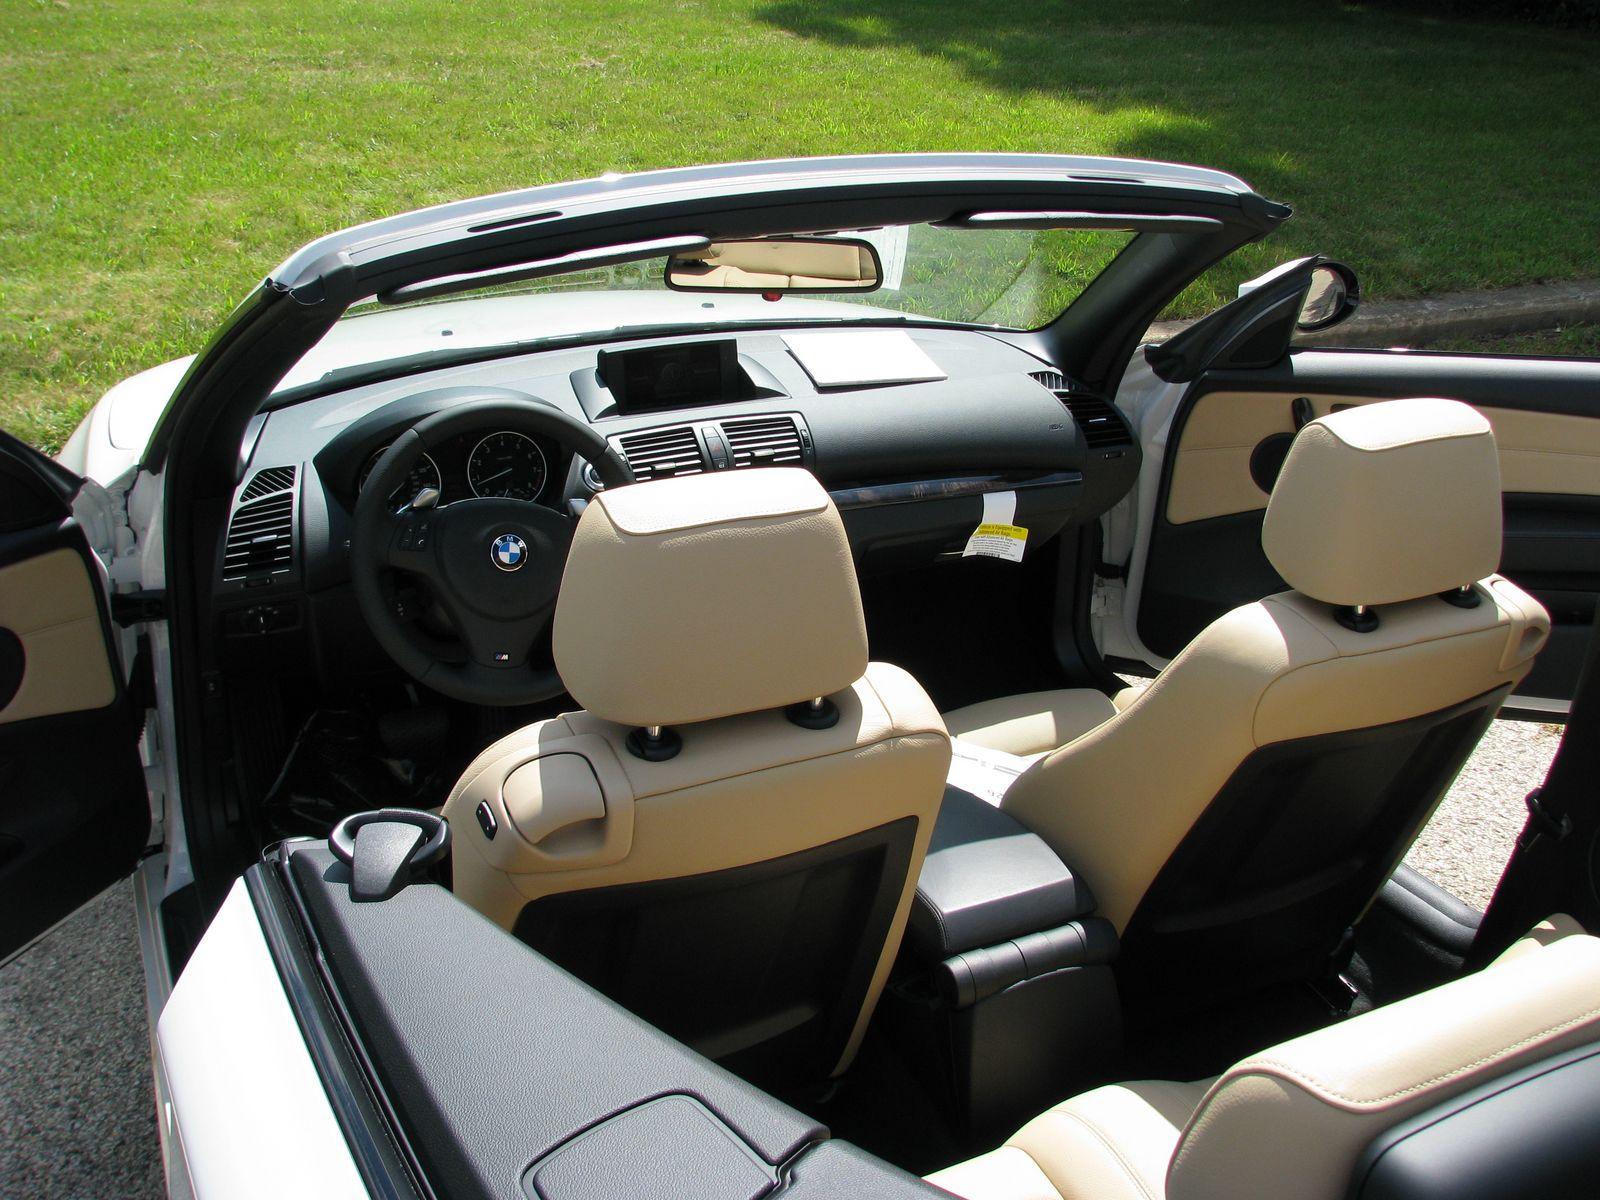 BMW 1600 CABRIOLET interior